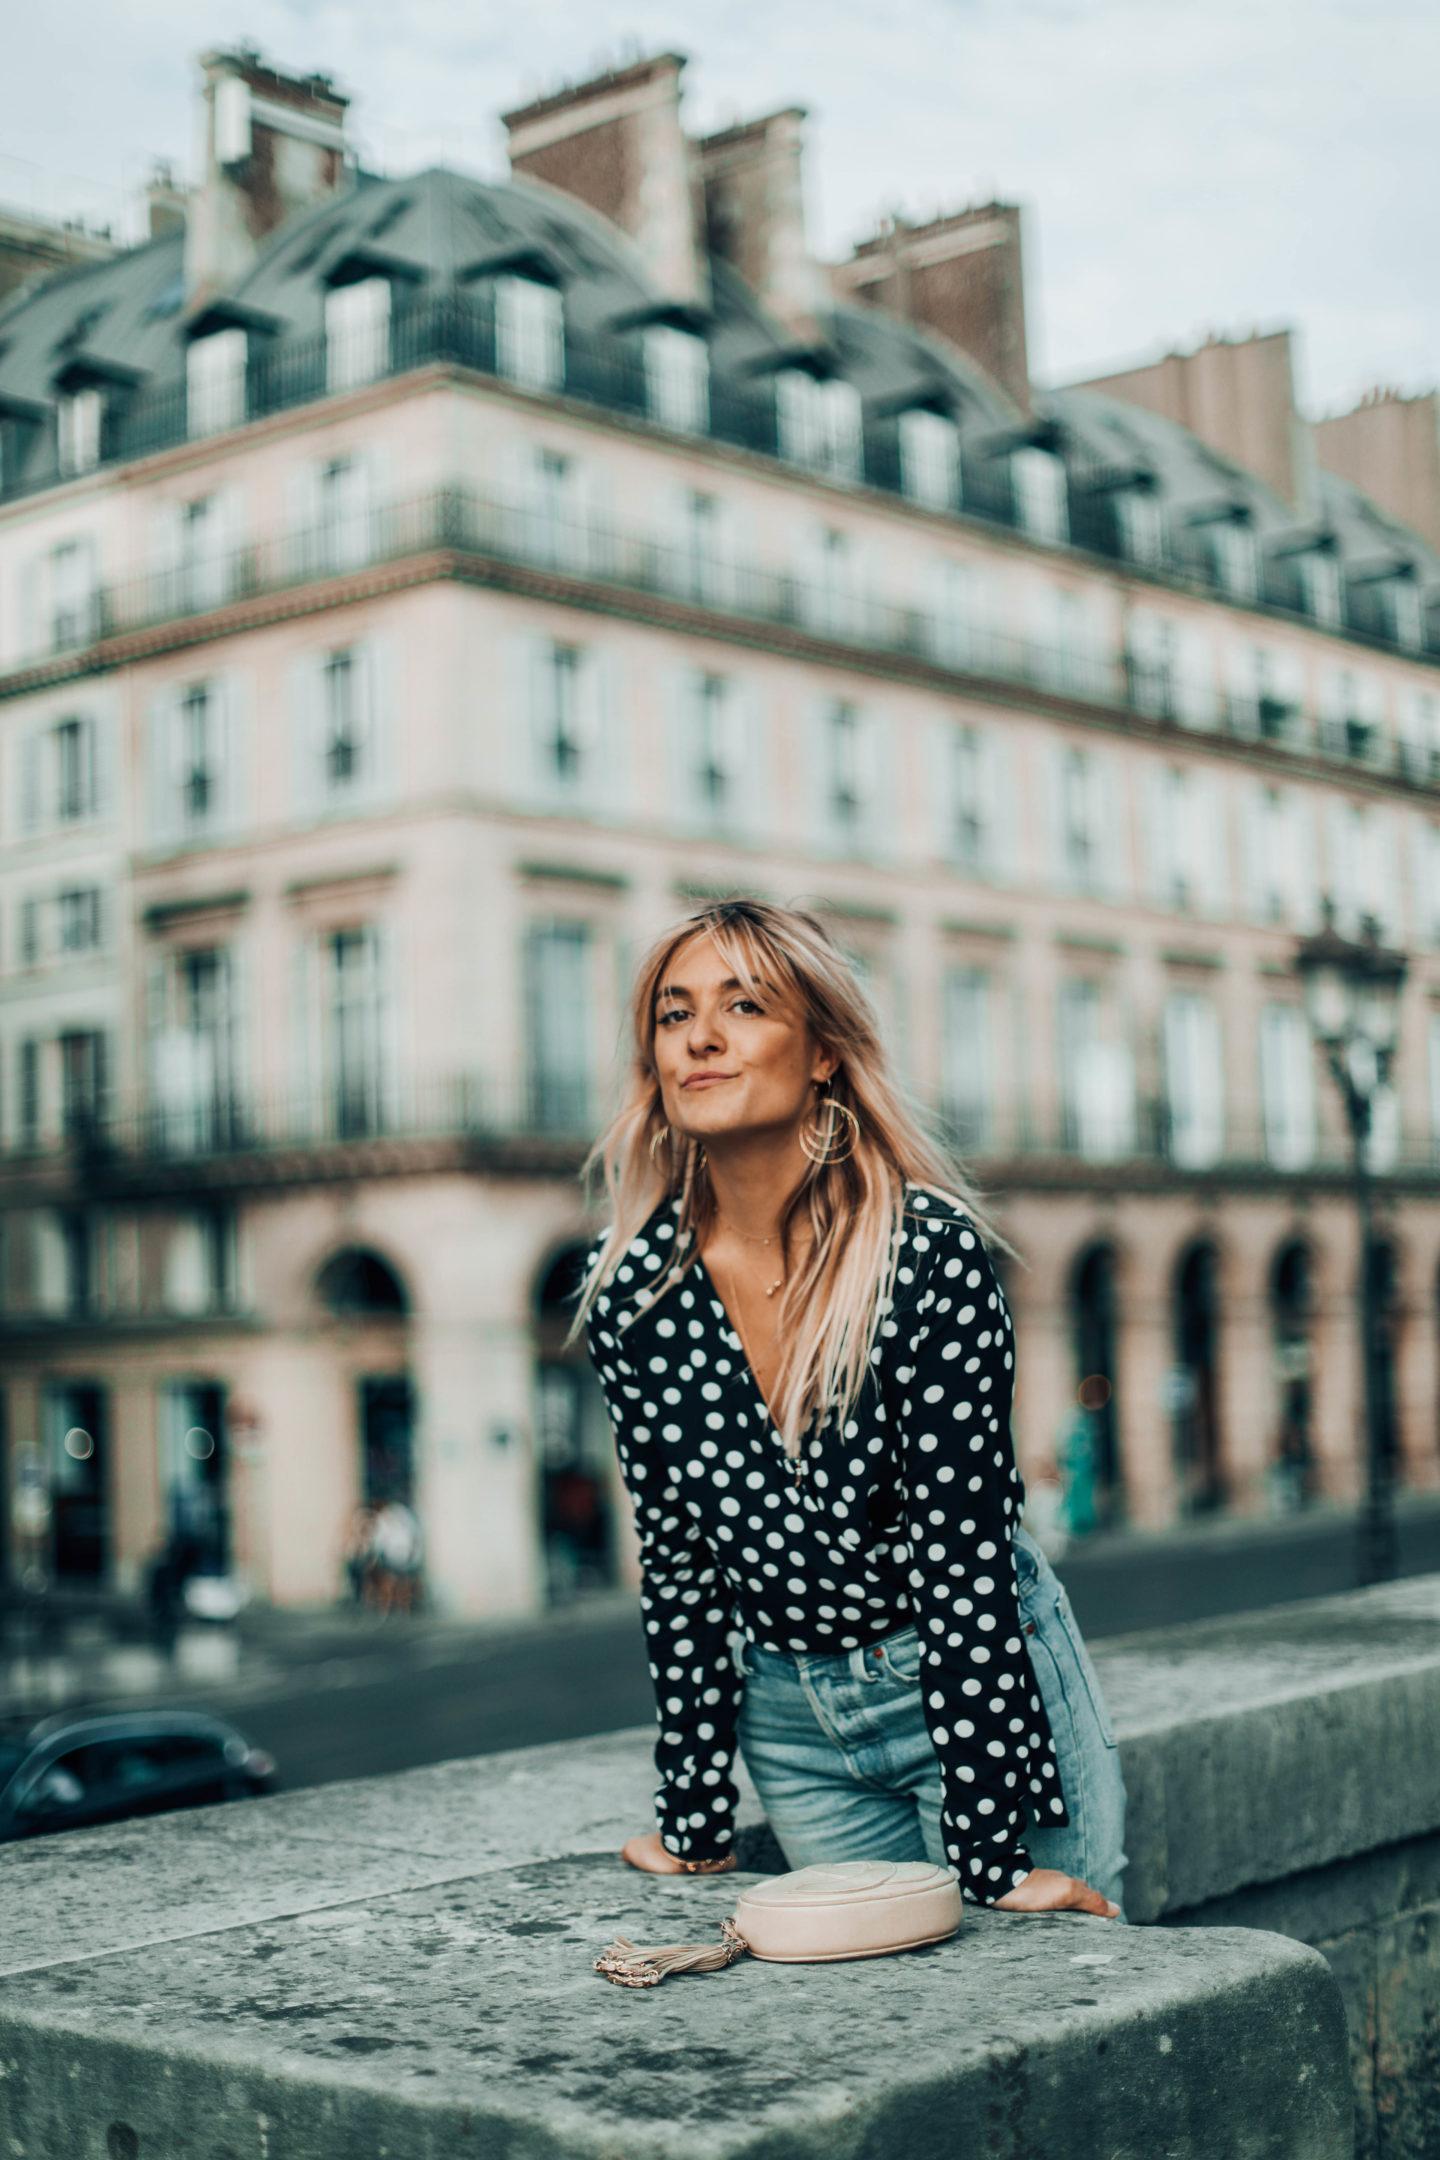 Levi's Vintage - Blondie Baby blog mode Paris et voyages